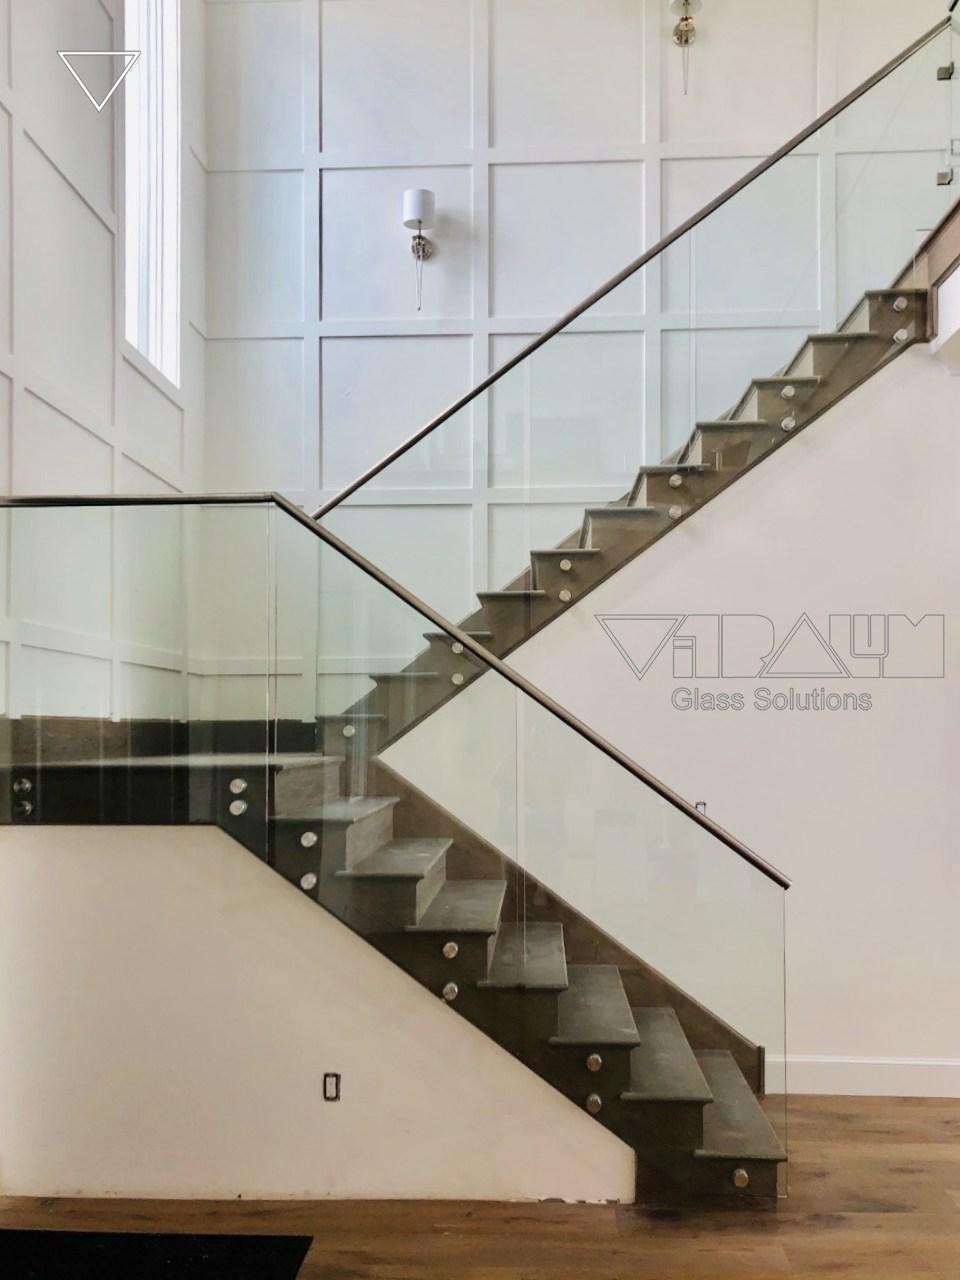 Frameless Glass Railings Orlando Vitralum Glass Solutions   Glass Panel Stair Railing   Toughened   Square   Framed Glass   Staircase   Banister